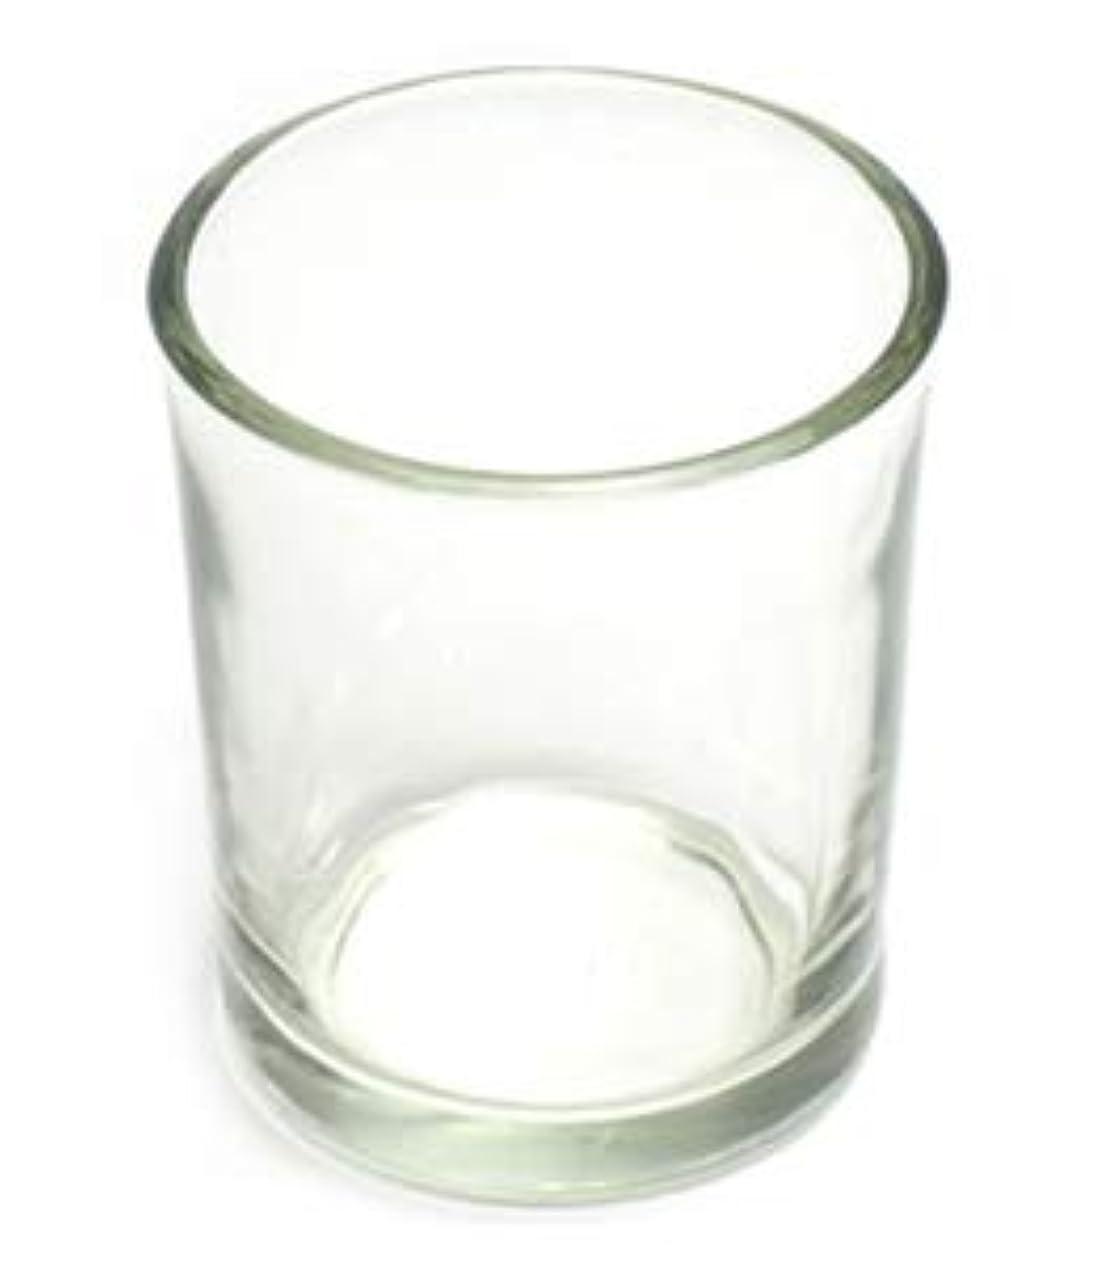 折る合図行列キャンドルホルダー ガラス シンプル[小] 1個 キャンドルスタンド 透明 クリア おしゃれ ろうそく立て